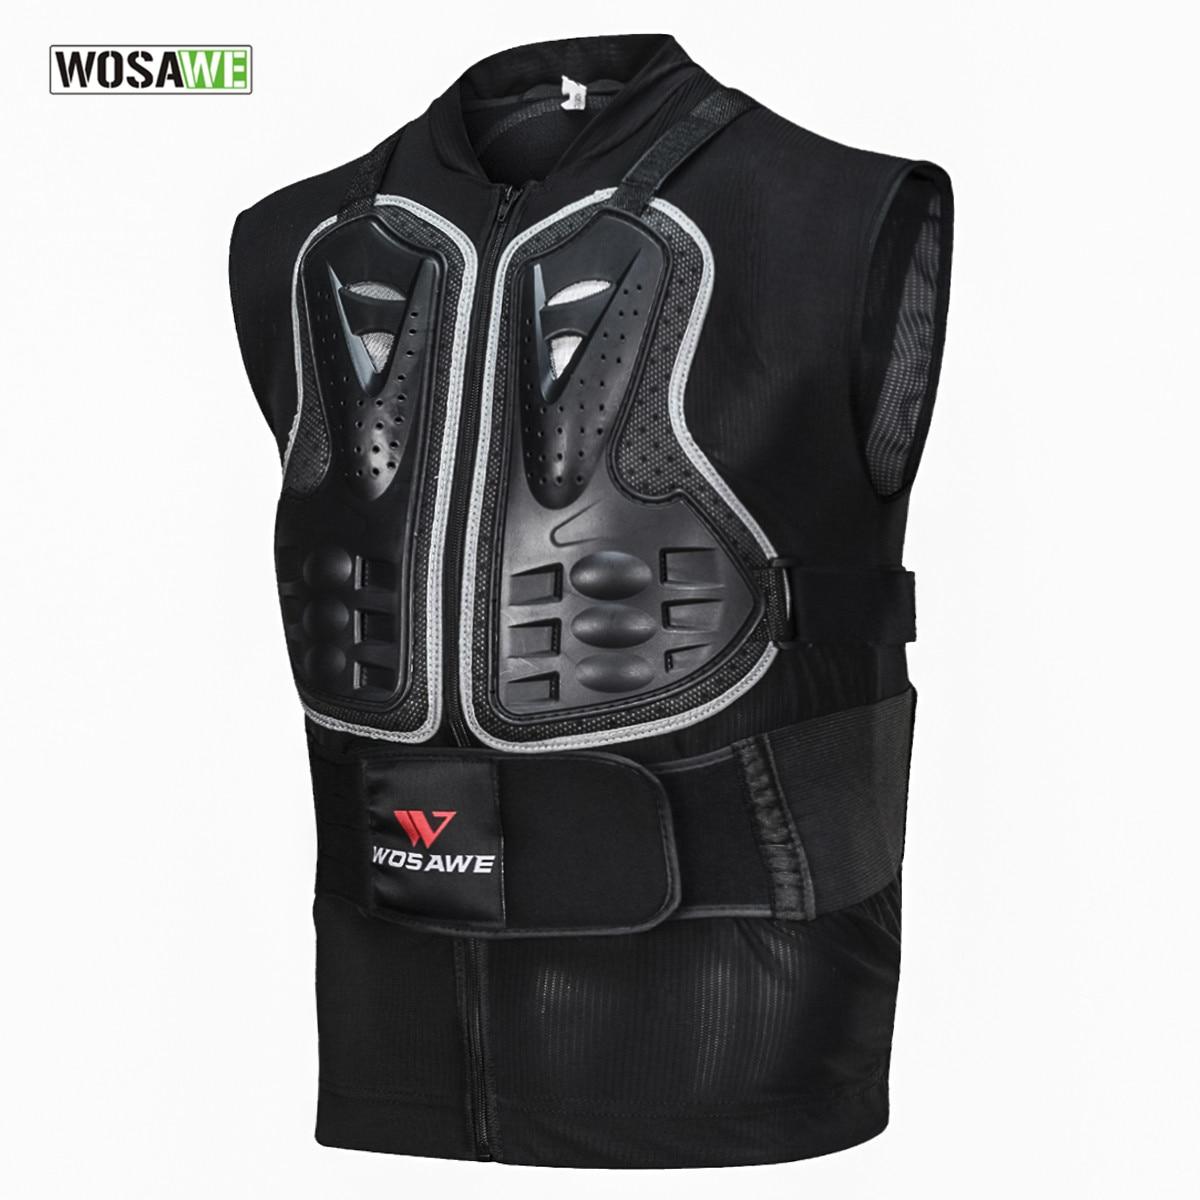 Wosawe Motorfiets Armor Vest Motocross Fietsen Apparatuur Cool Mesh Body Beschermende Off-road Racing Borst Protector Schaatsen Ski